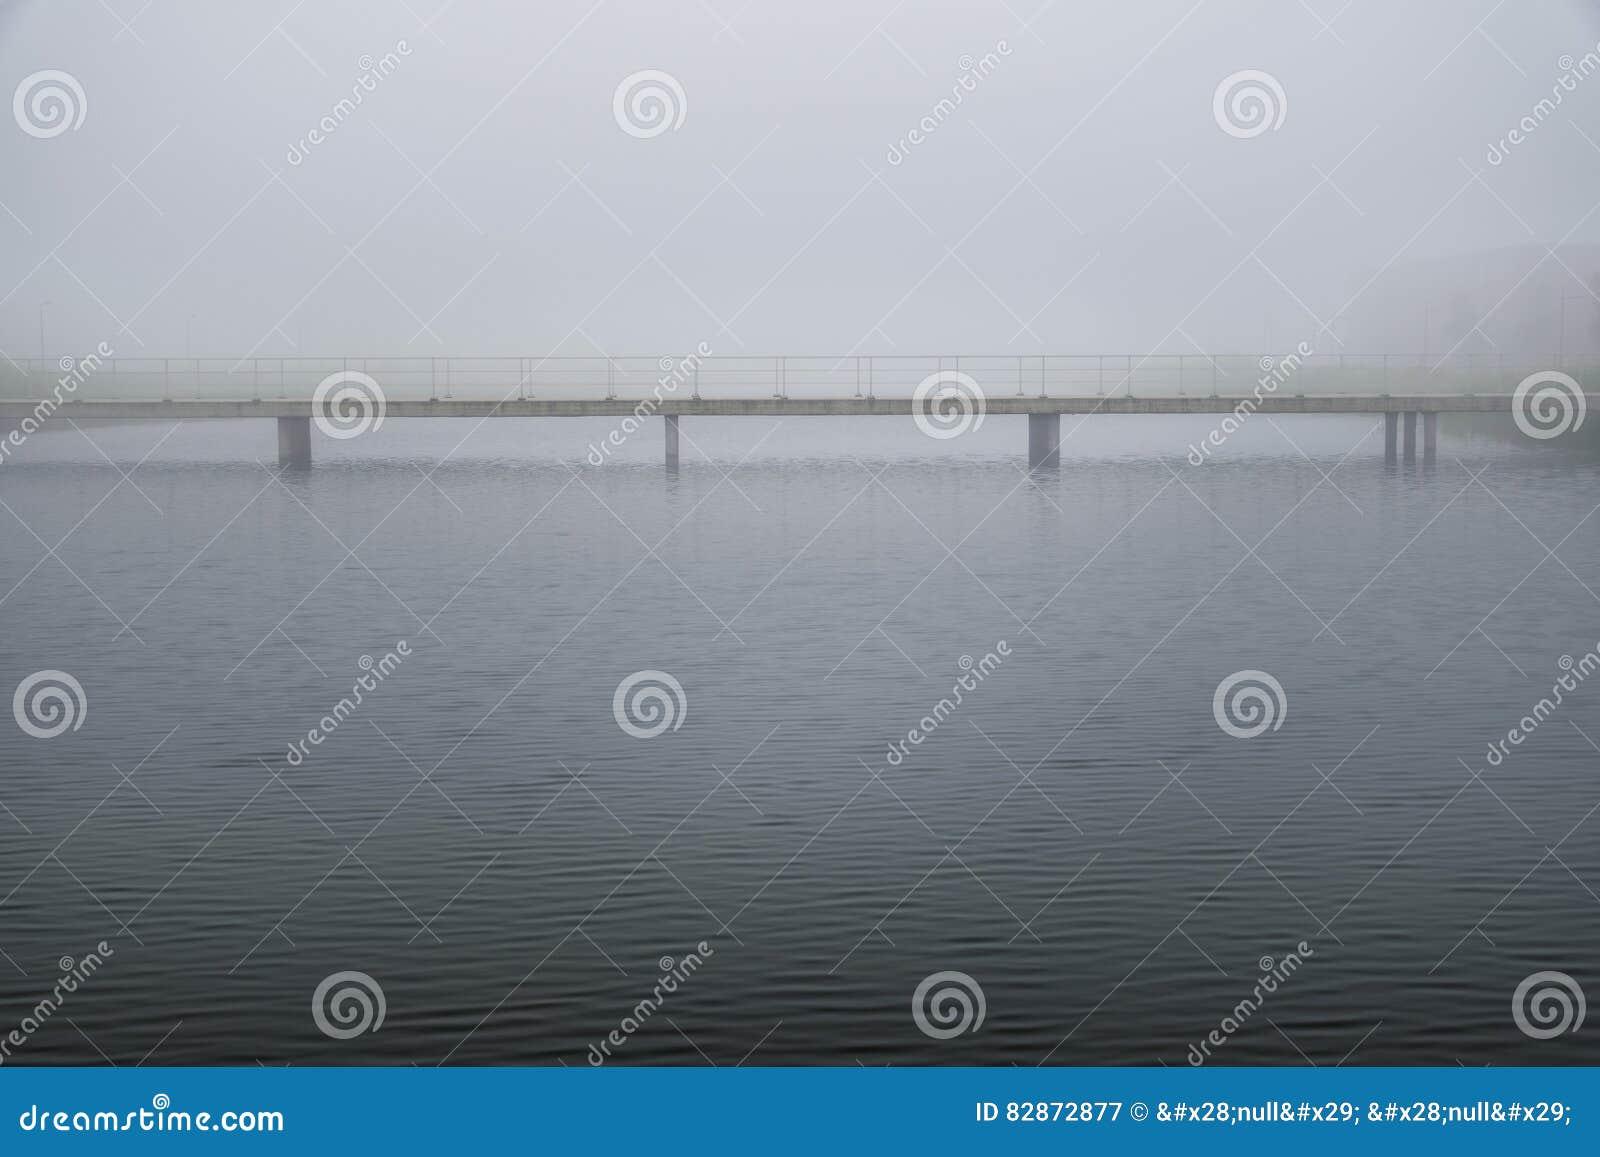 Puente en tiempo brumoso pacífico tranquilo en el paisaje soñador blanco